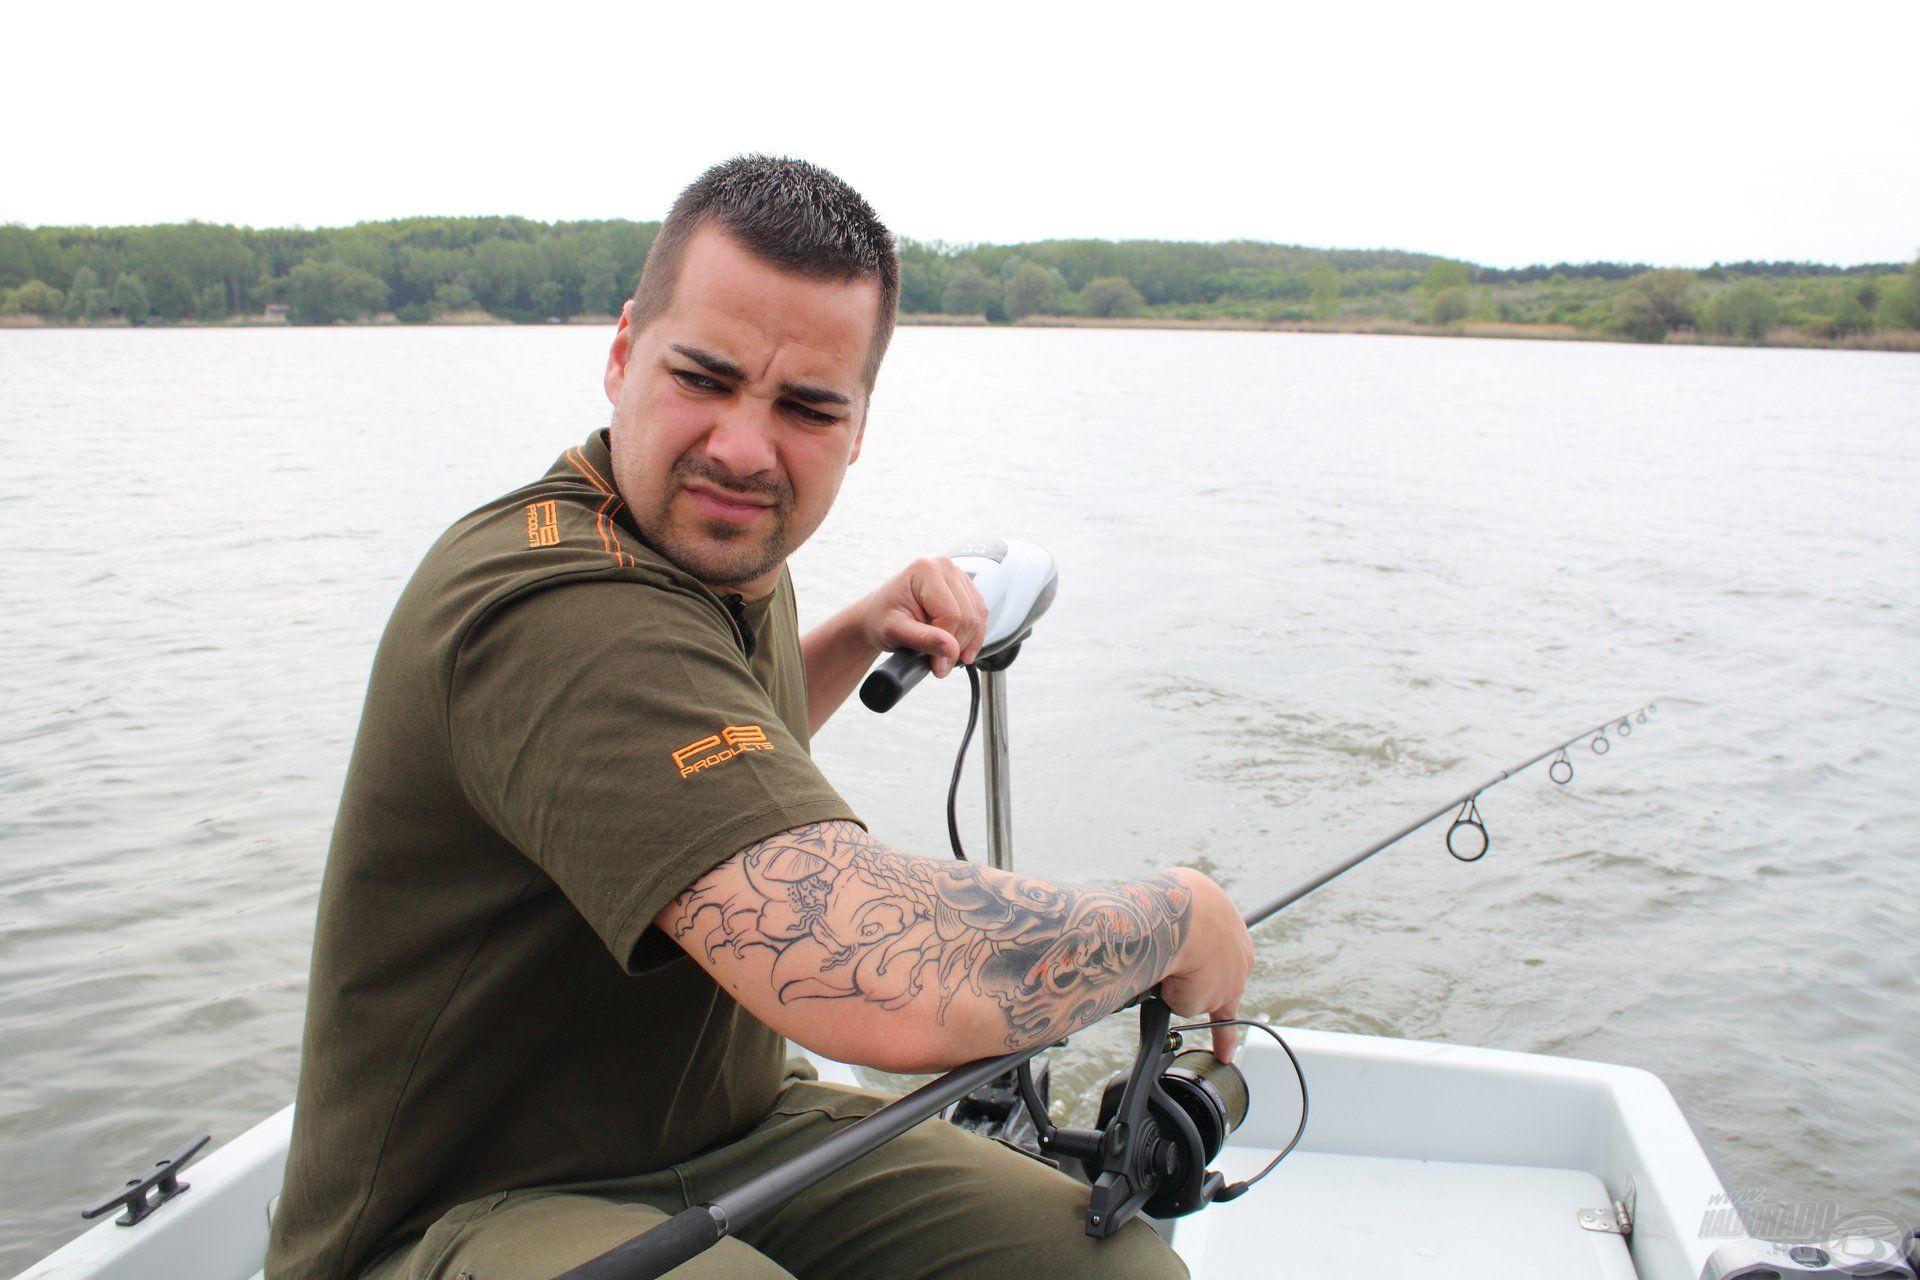 A rövidebb változatot rugalmassága és különlegesen szép akciója miatt szívesen használjuk behúzós horgászatokra is